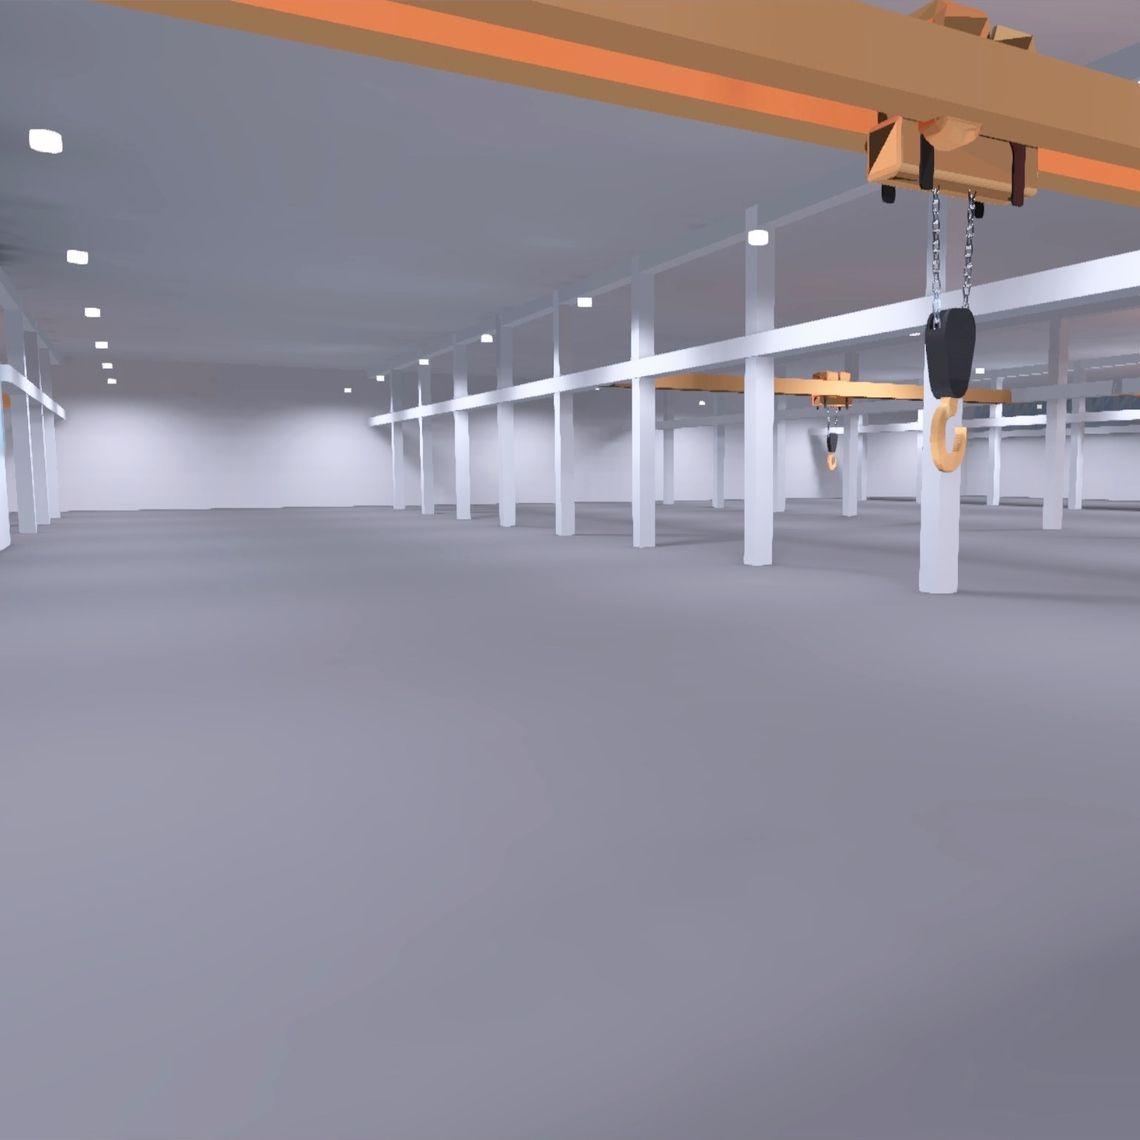 Bur Lighting Bunte Und Remmler Lichtplanungen Led Beleuchtung Stahllager Lichtplanung Beleuchtungsideen Licht